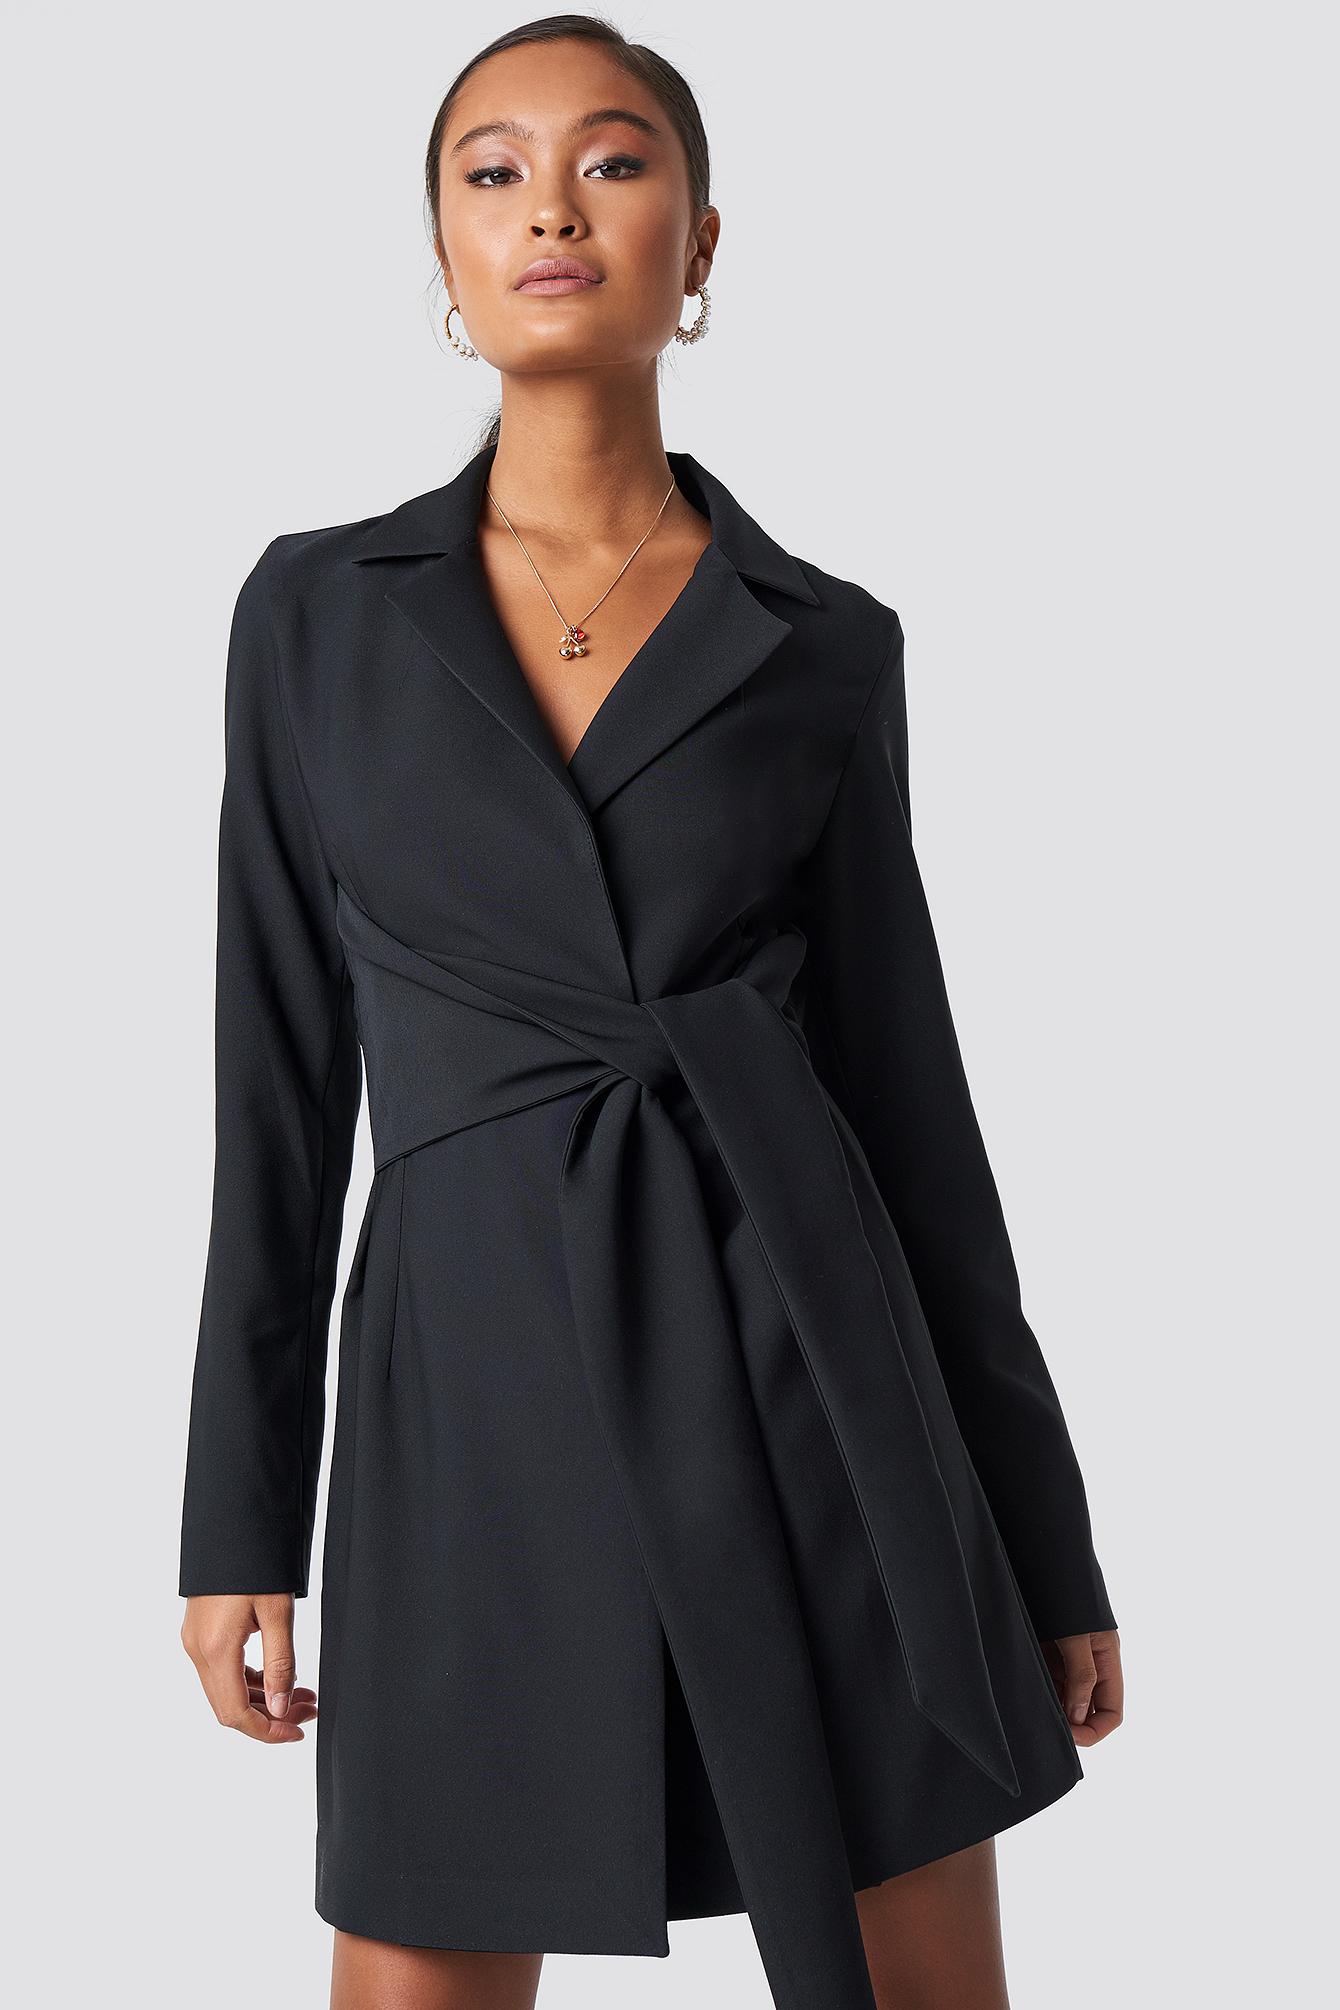 Blazer Na Black Na Black Blazer Danielle Danielle Dress Dress Danielle qxgSnRAfFU